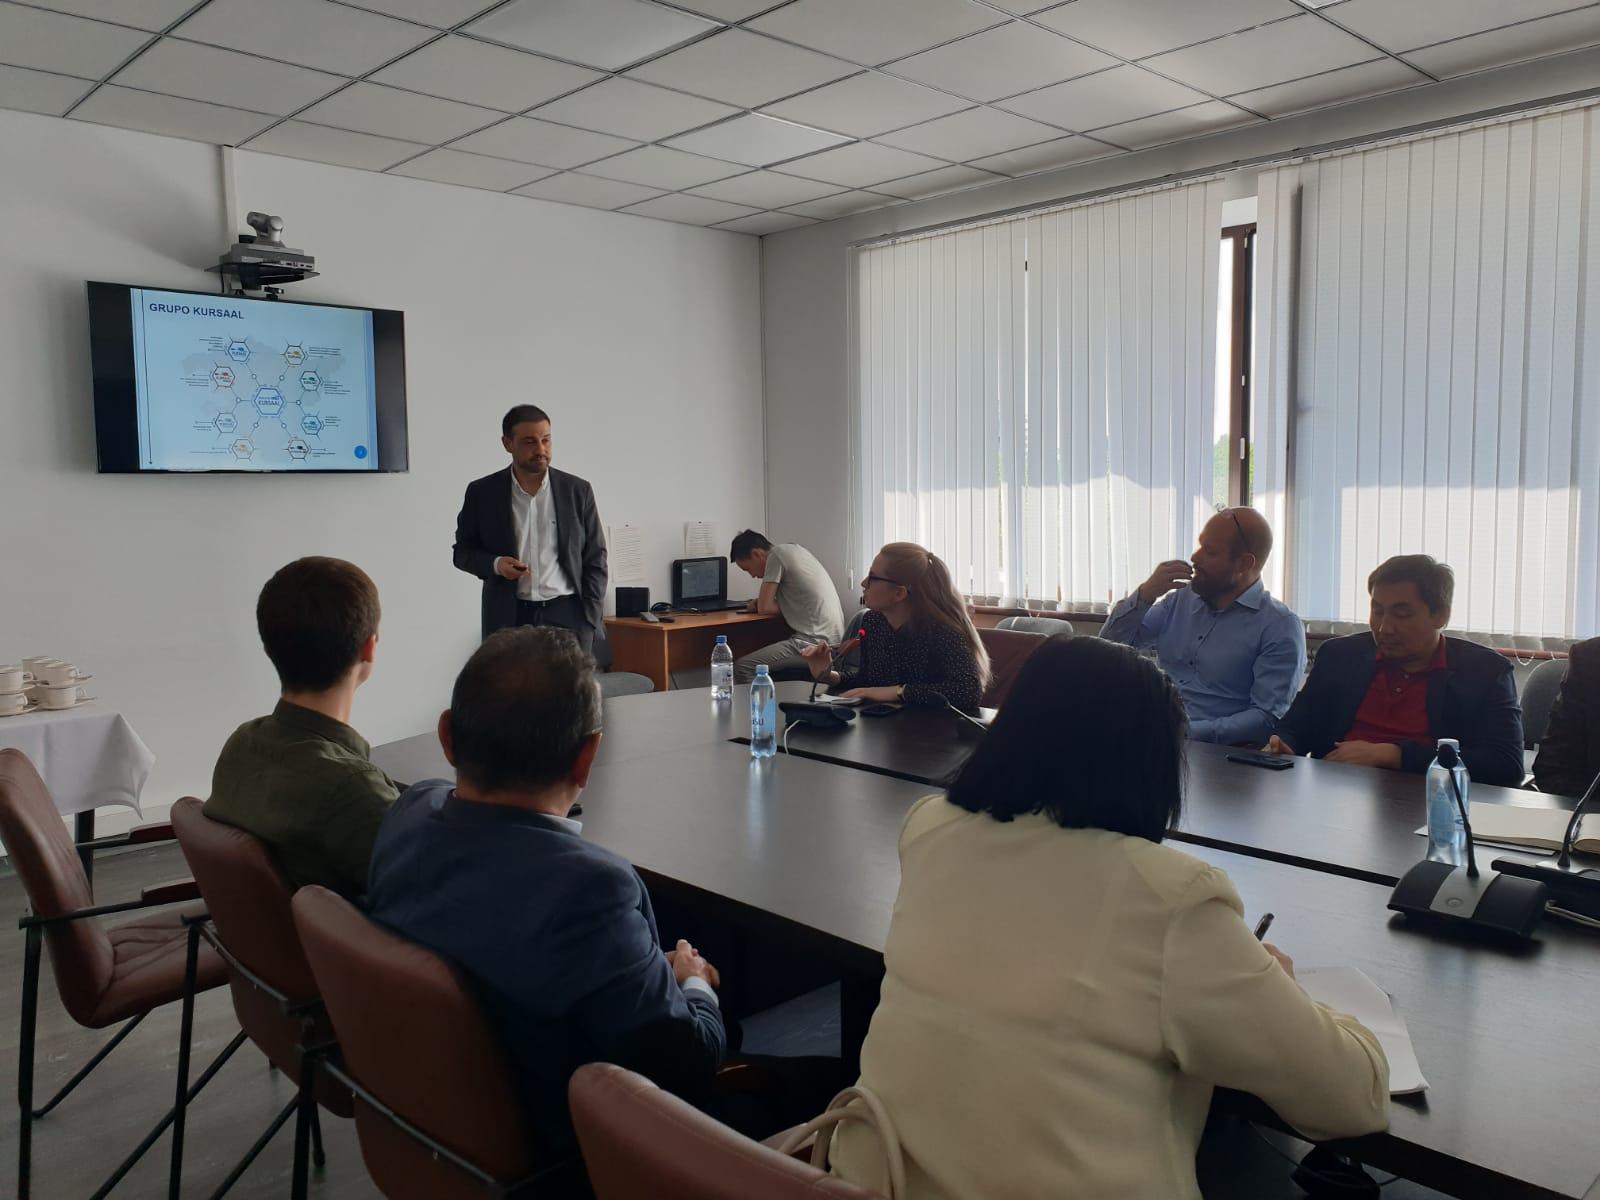 imagen 3 de noticia: viajamos-a-kazajistn-en-la-misin-comercial-organizada-por-eraikune